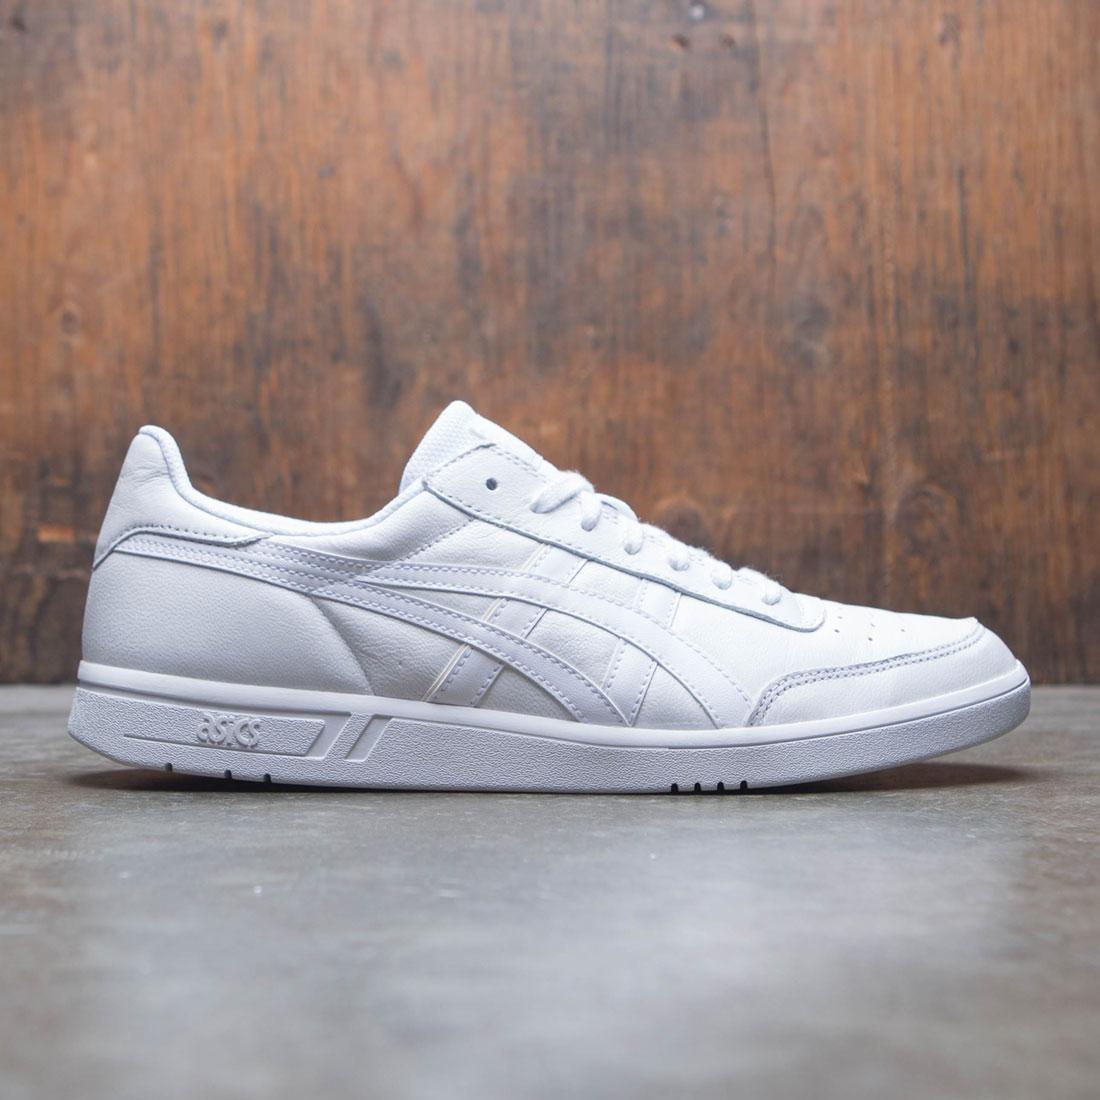 【海外限定】アシックス 靴 メンズ靴 【 ASICS TIGER MEN GELVICKKA TRS WHITE 】